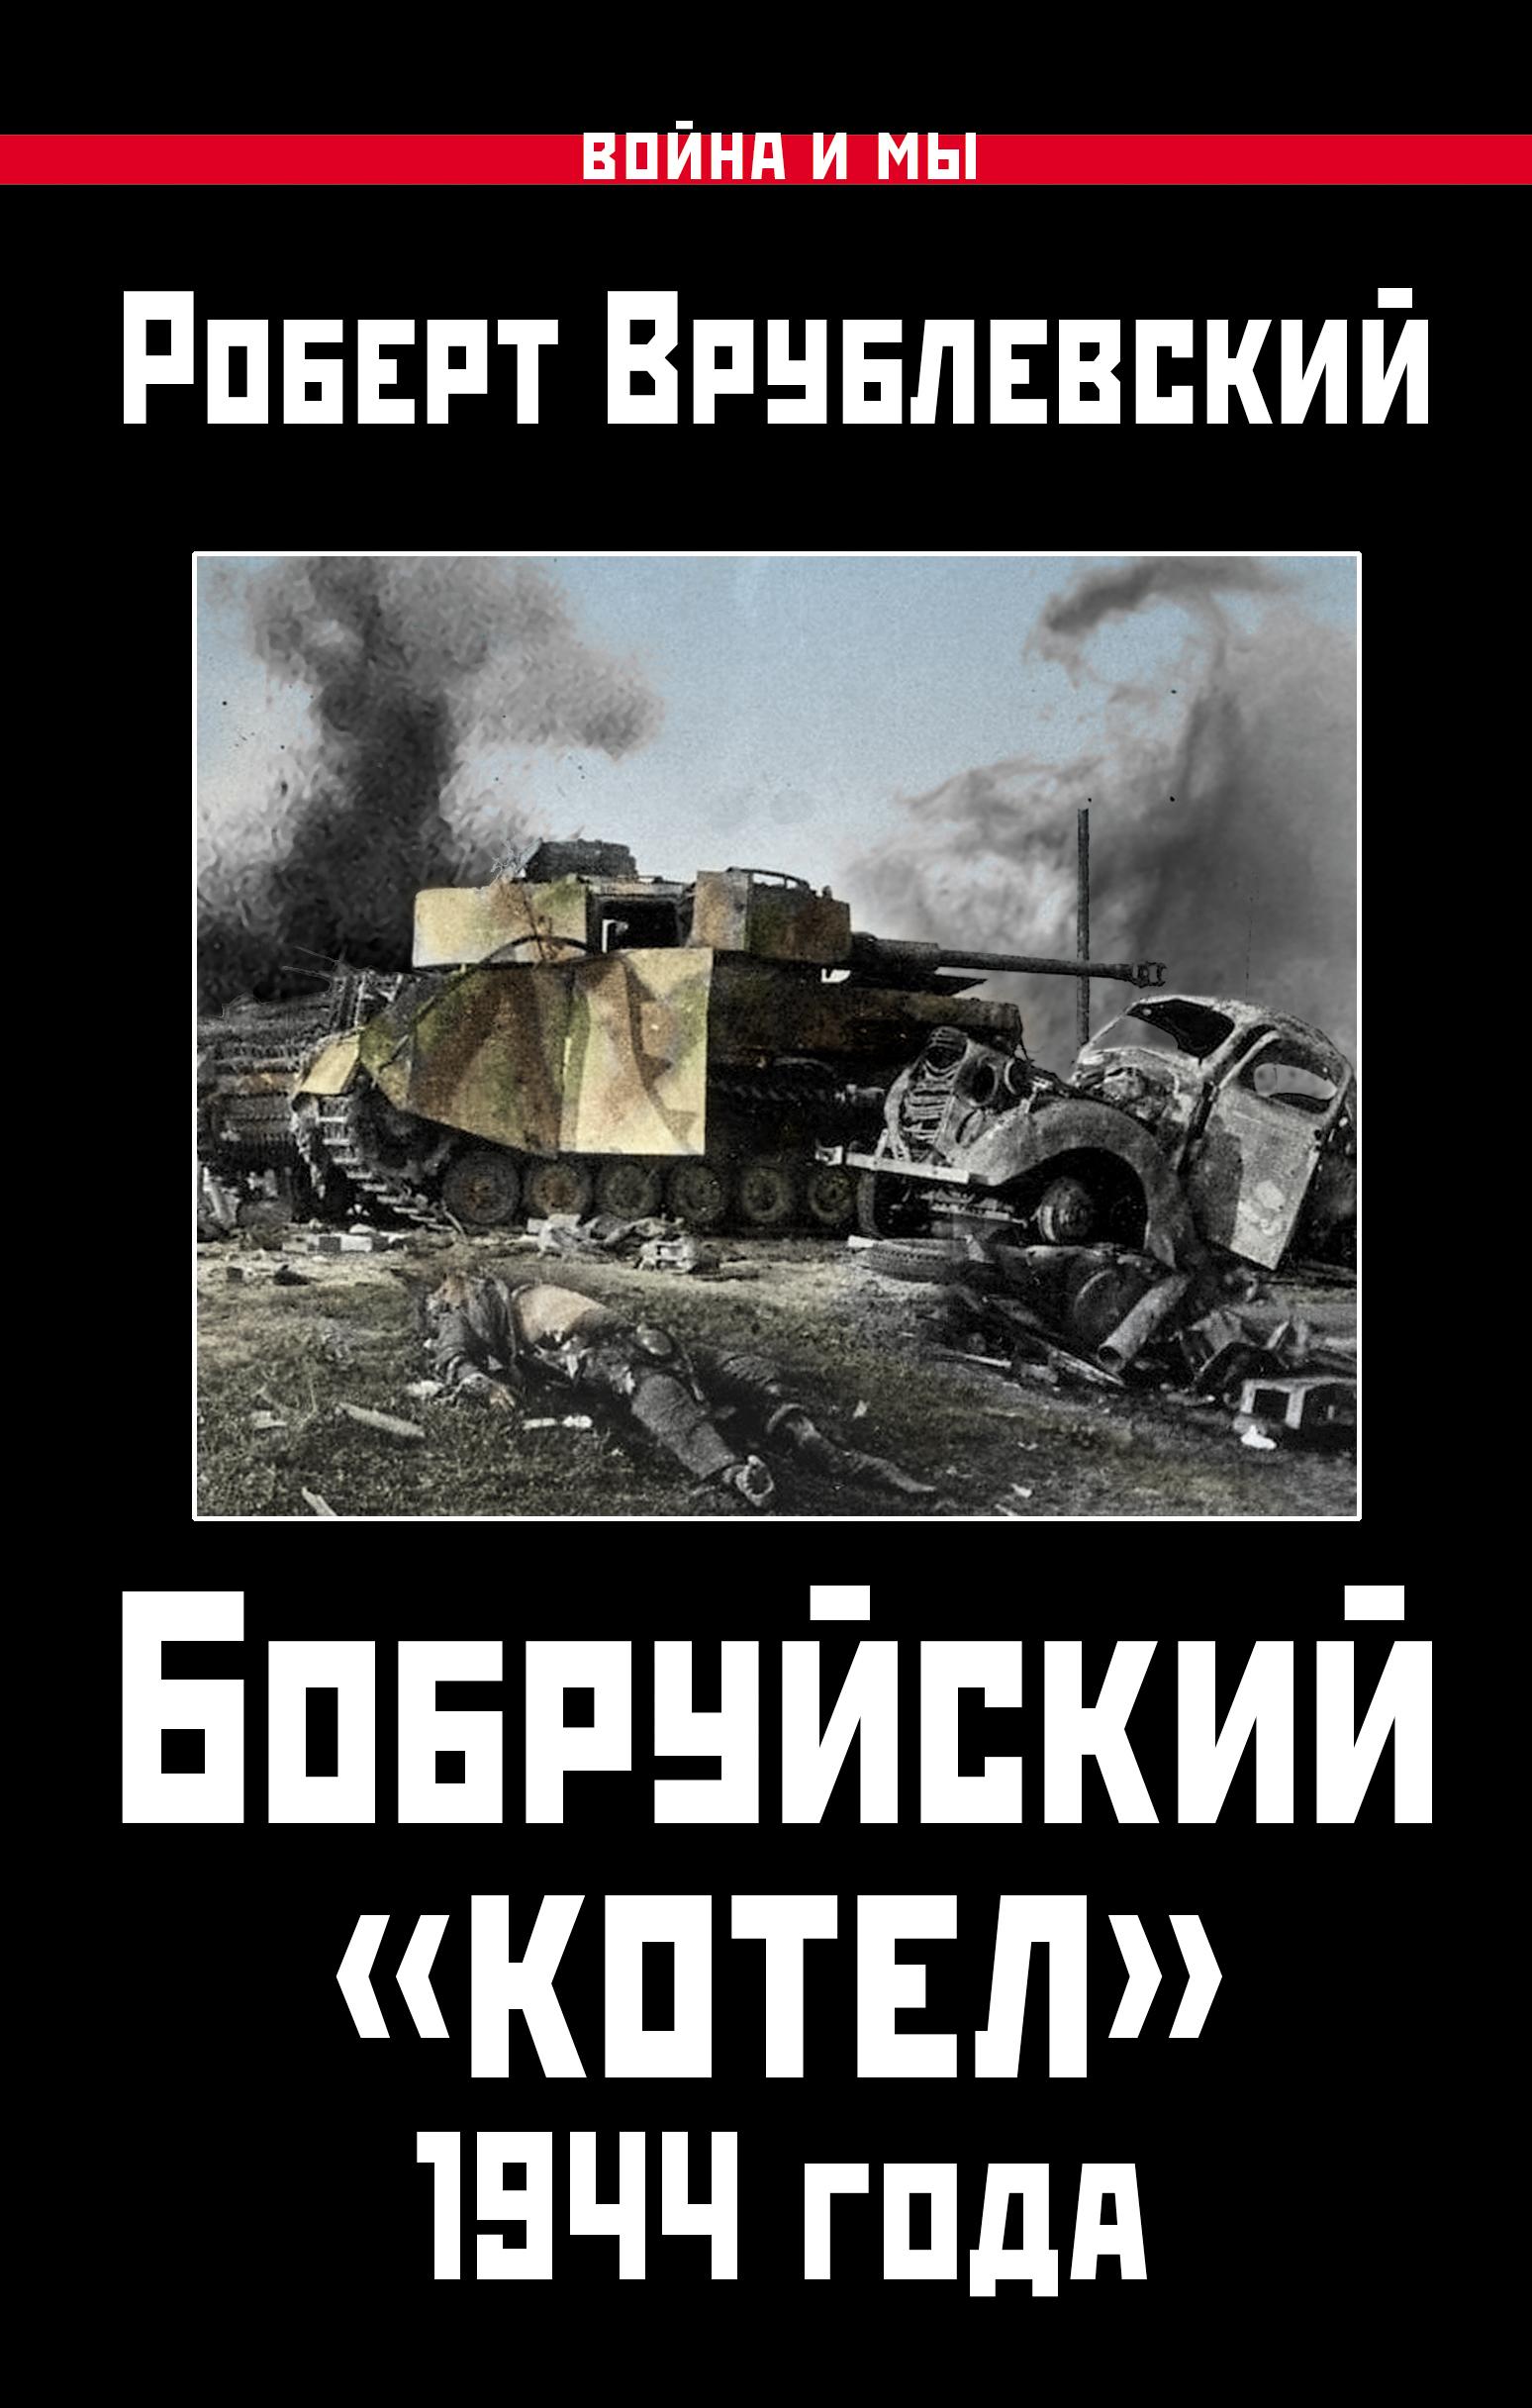 Врублевский Р. Бобруйский «котел» 1944 года операция багратион в гродно